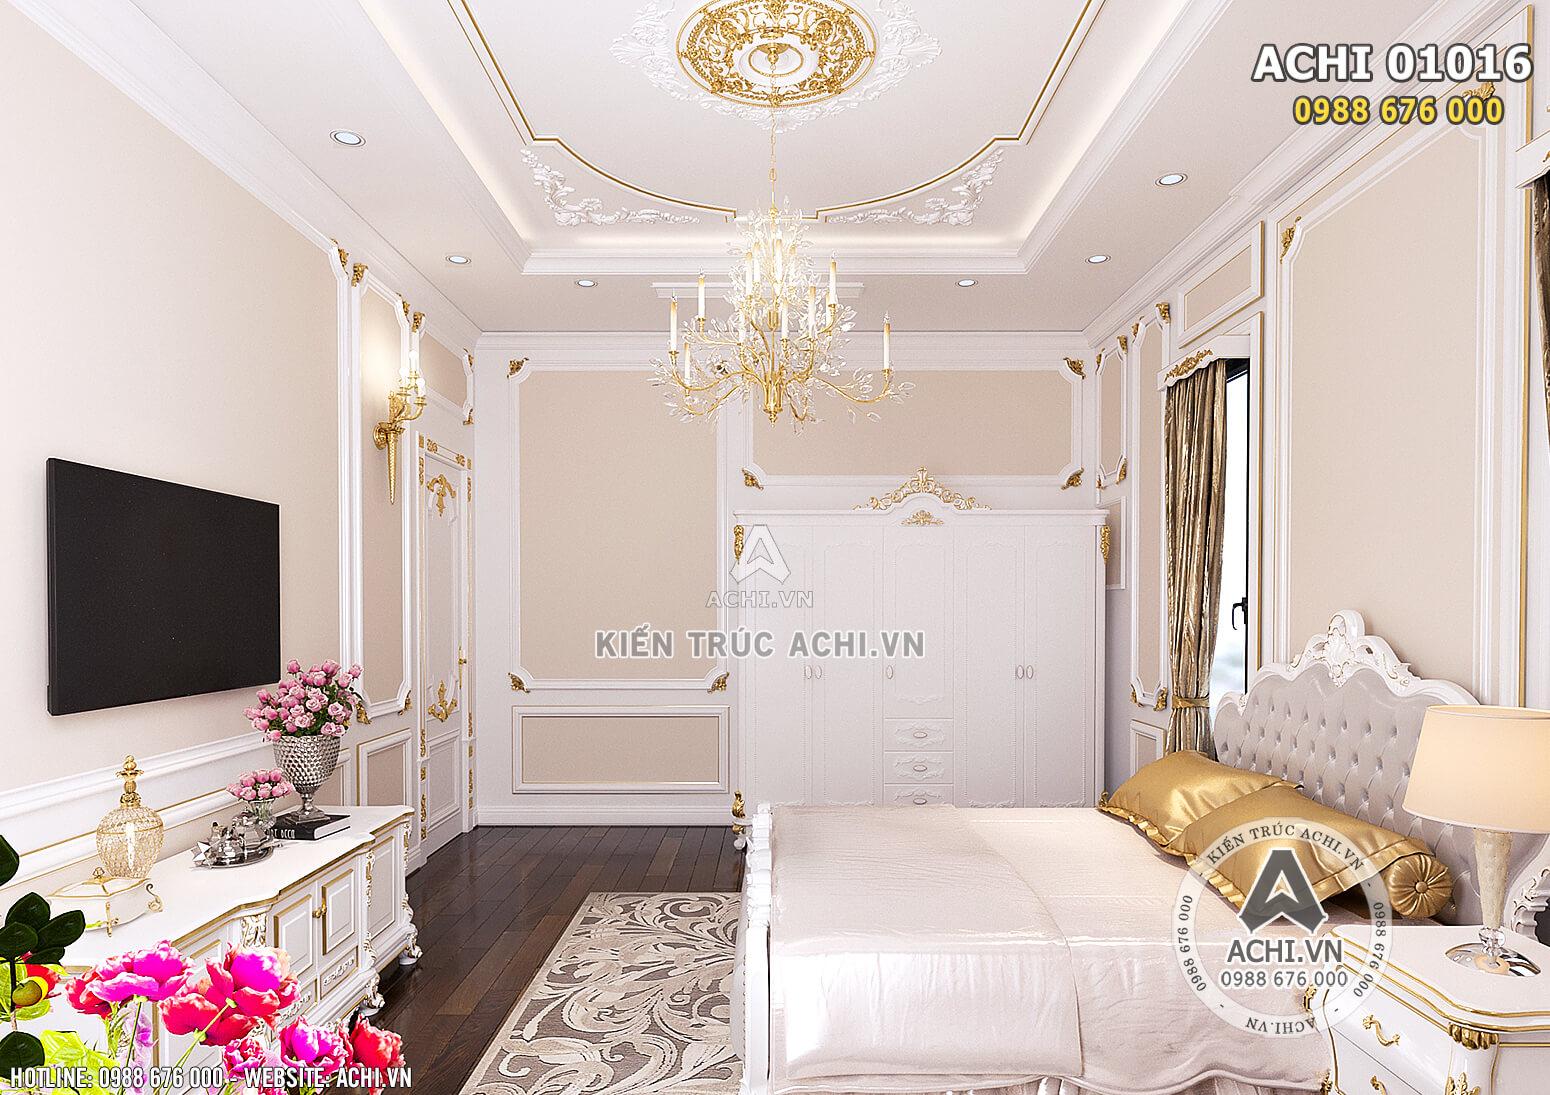 Hình ảnh: Không gian phòng ngủ Master được trang bị các món đồ nội thất xa xỉ từ Pháp - ACHI 01016